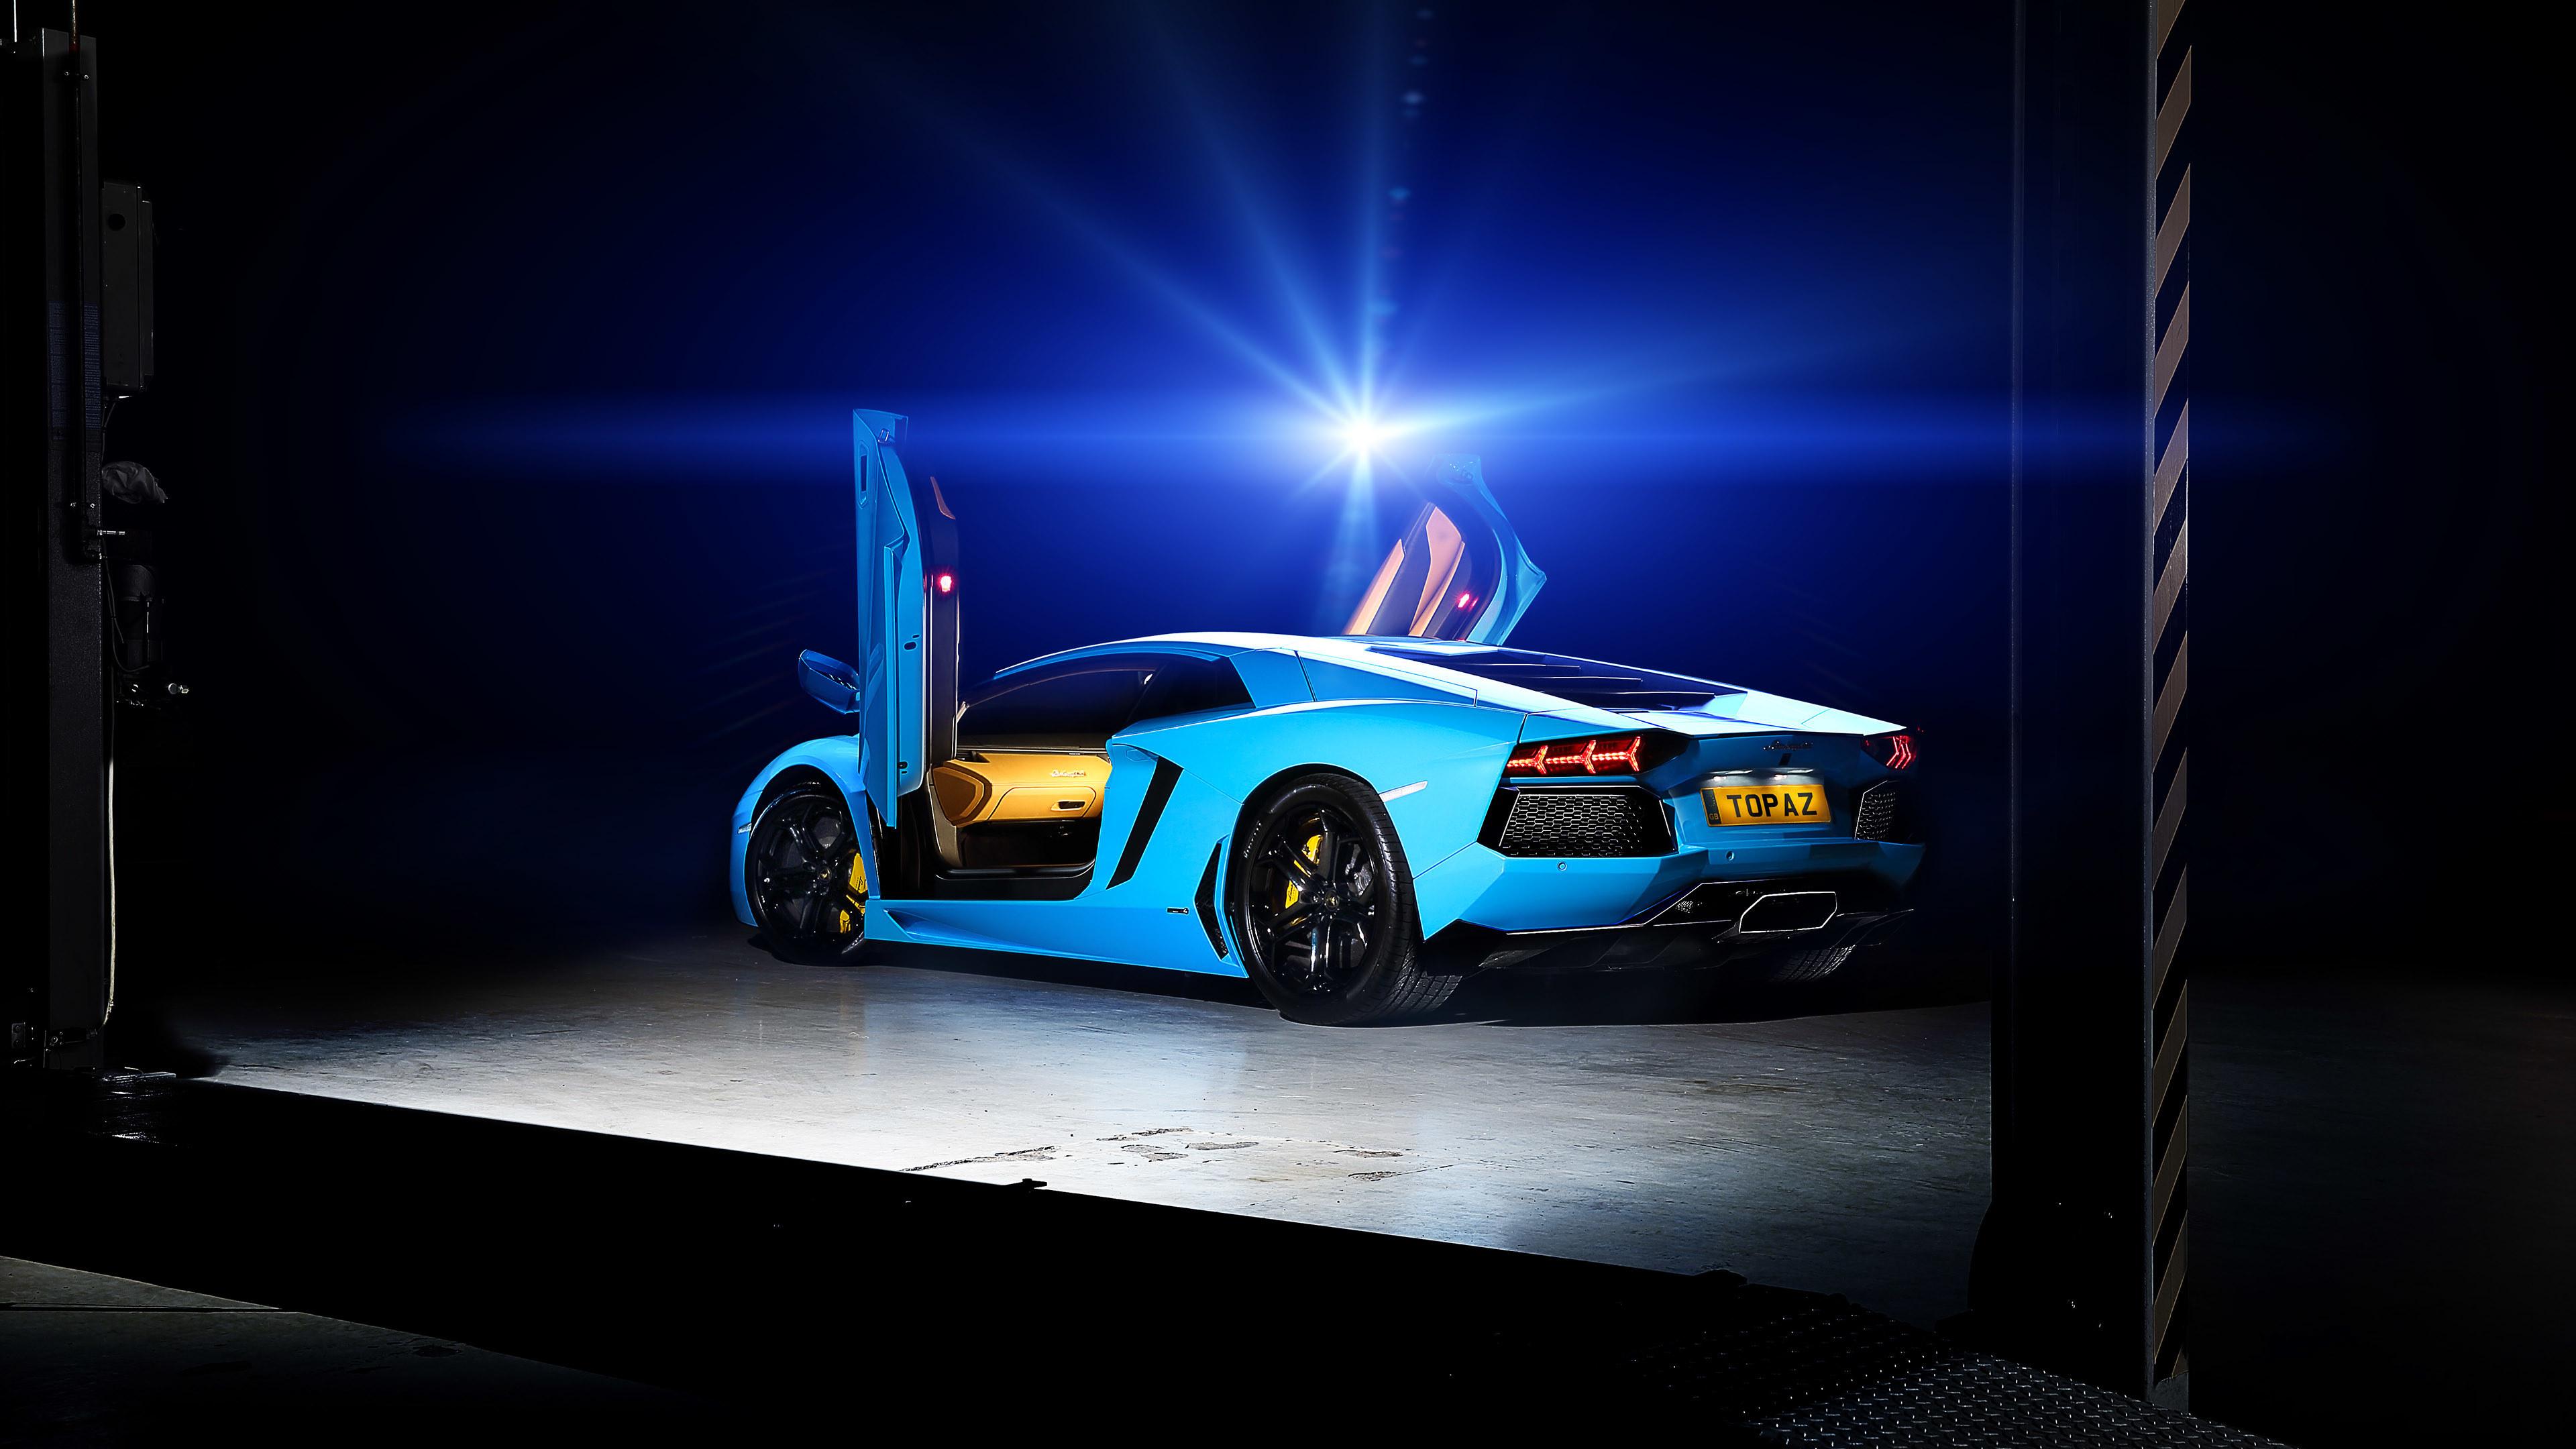 blue lamborghini aventador 4k 1546361647 - Blue Lamborghini Aventador 4k - lamborghini wallpapers, lamborghini aventador wallpapers, hd-wallpapers, cars wallpapers, behance wallpapers, 4k-wallpapers